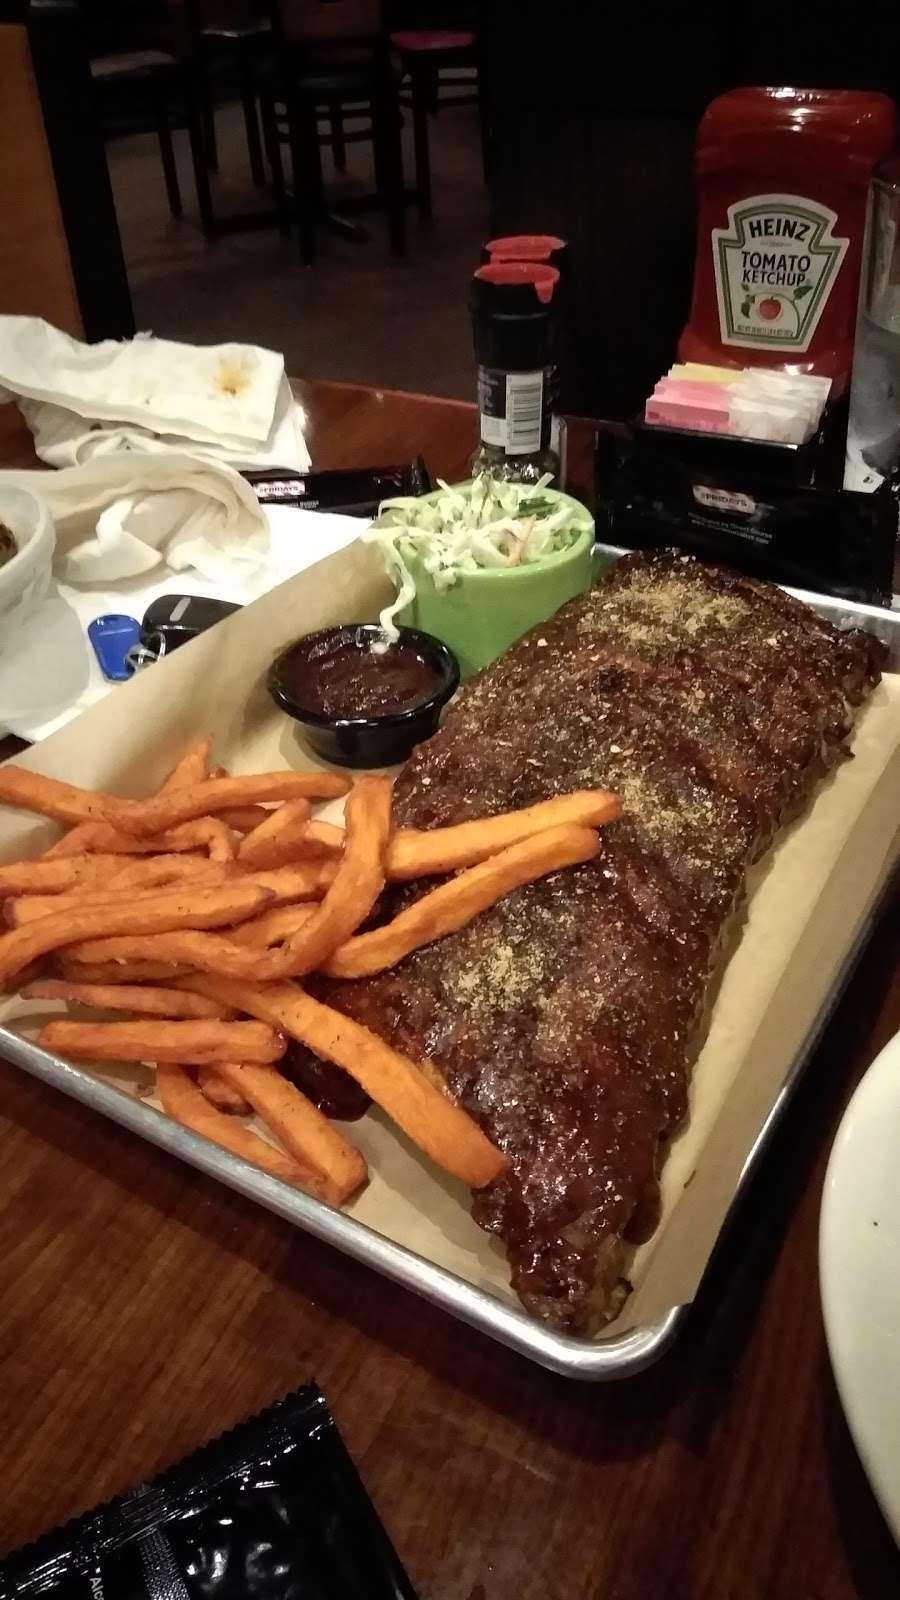 TGI Fridays - restaurant    Photo 10 of 10   Address: 8104 E 49th Dr, Denver, CO 80238, USA   Phone: (303) 371-8840